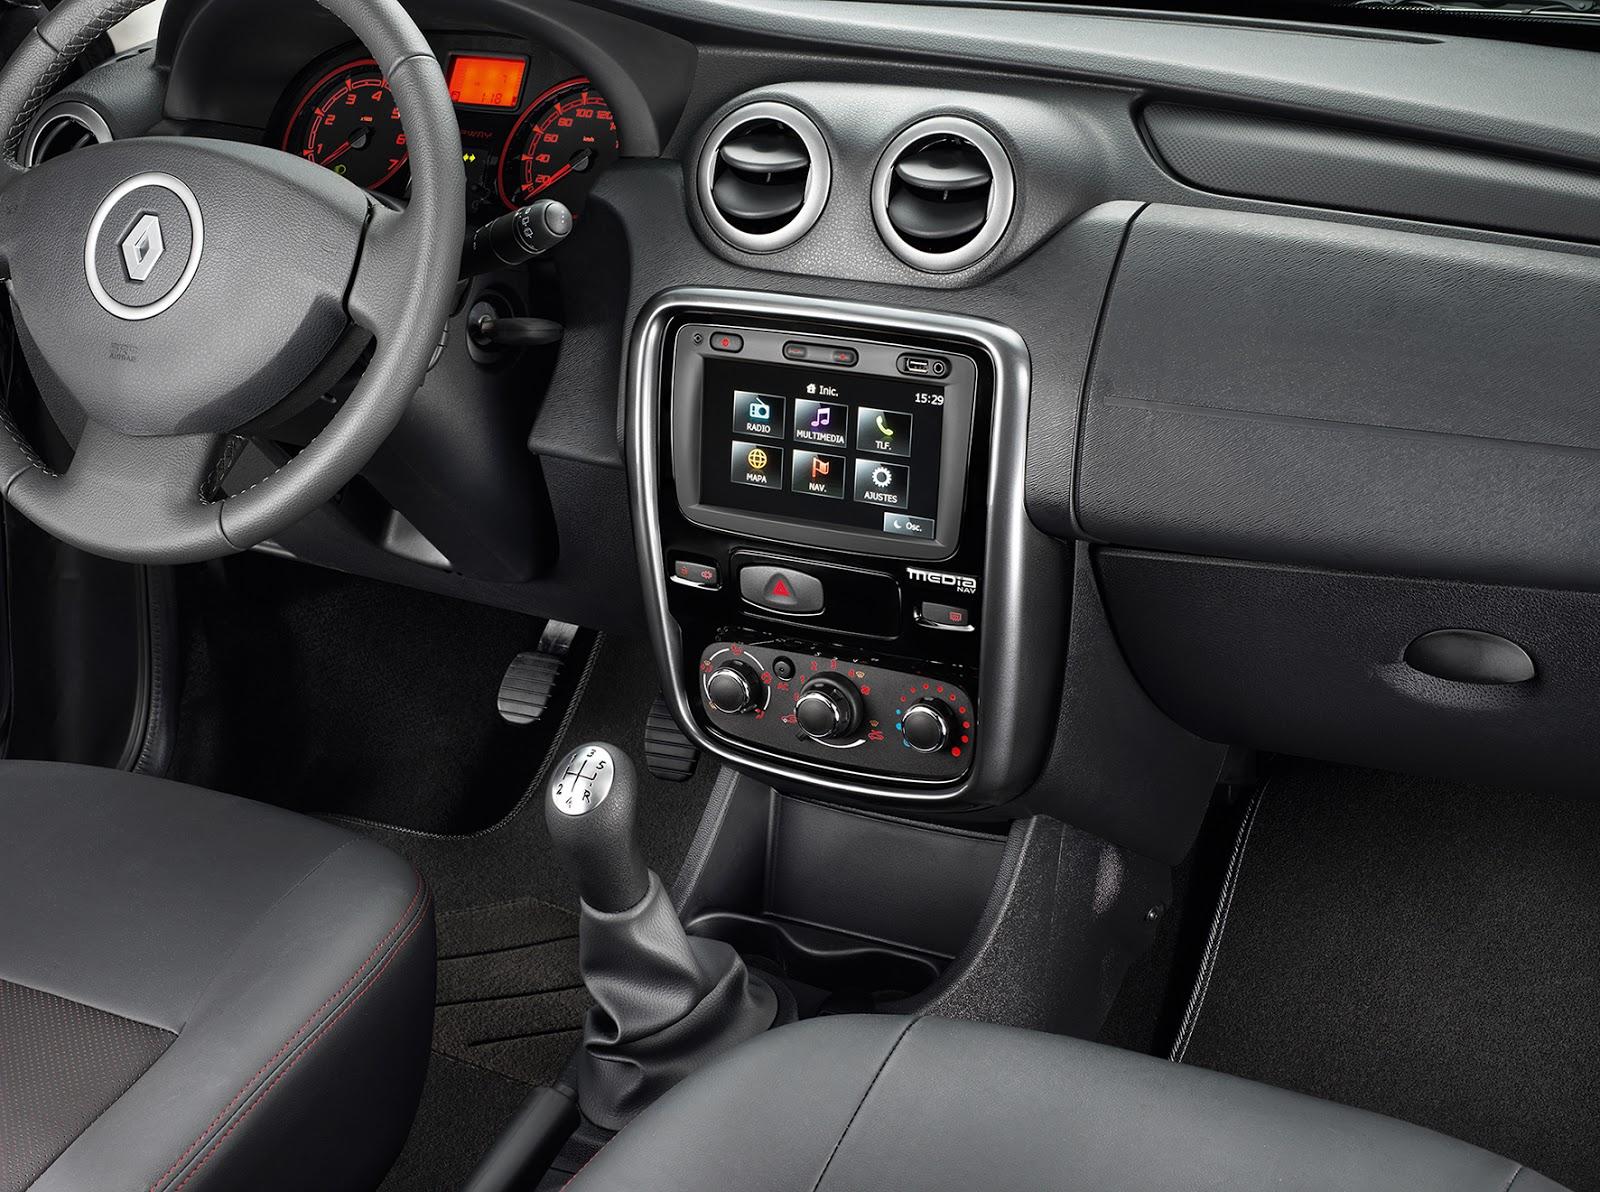 Navegador Media Nav, novedad en la gama Renault 2014